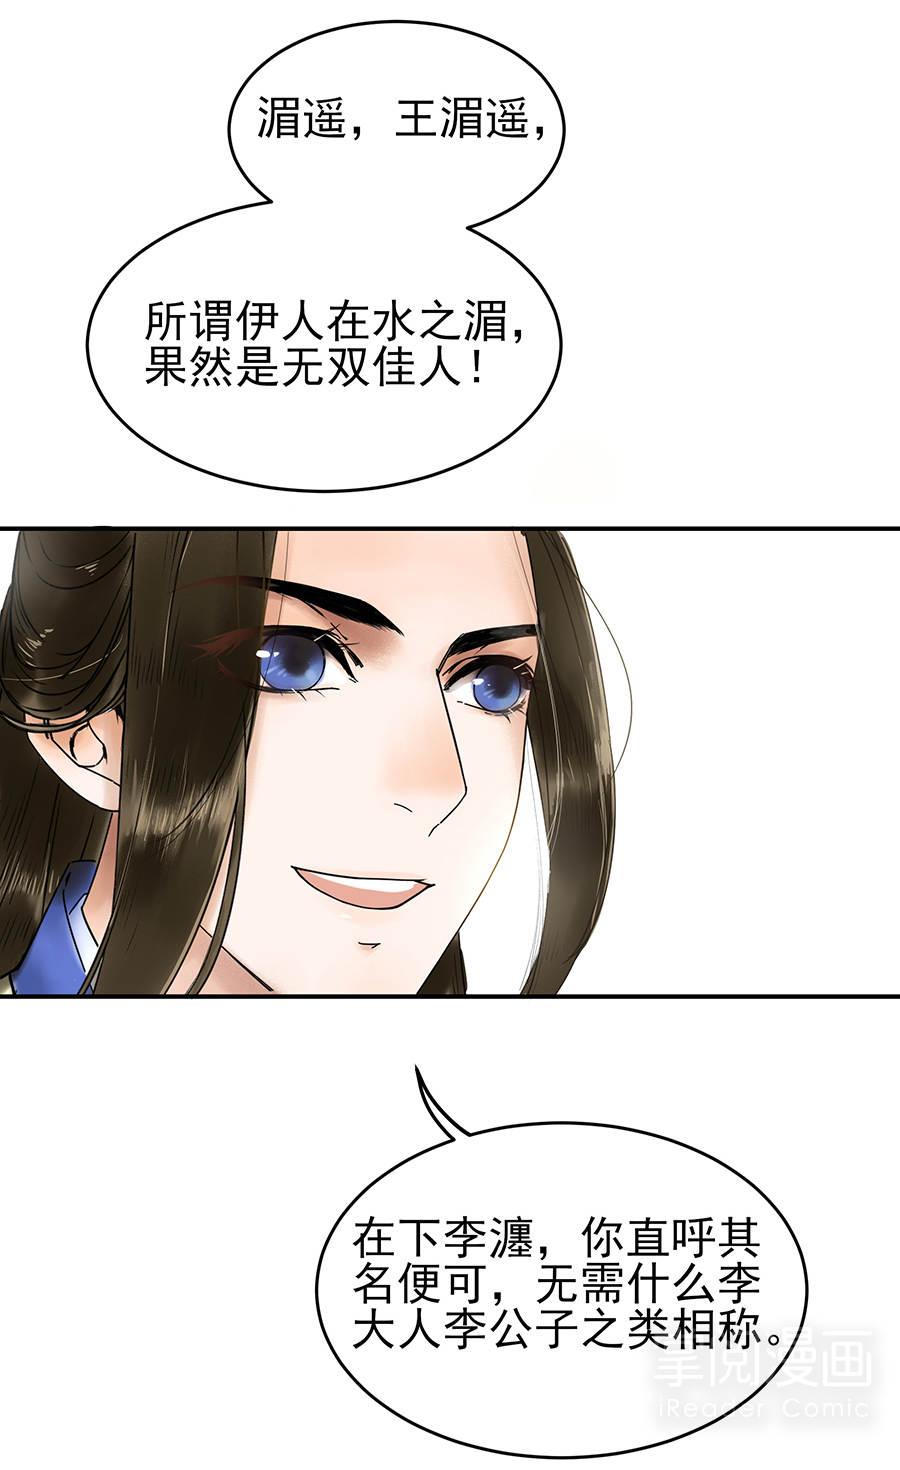 晚唐烟华第2话  云旖阁 第 28